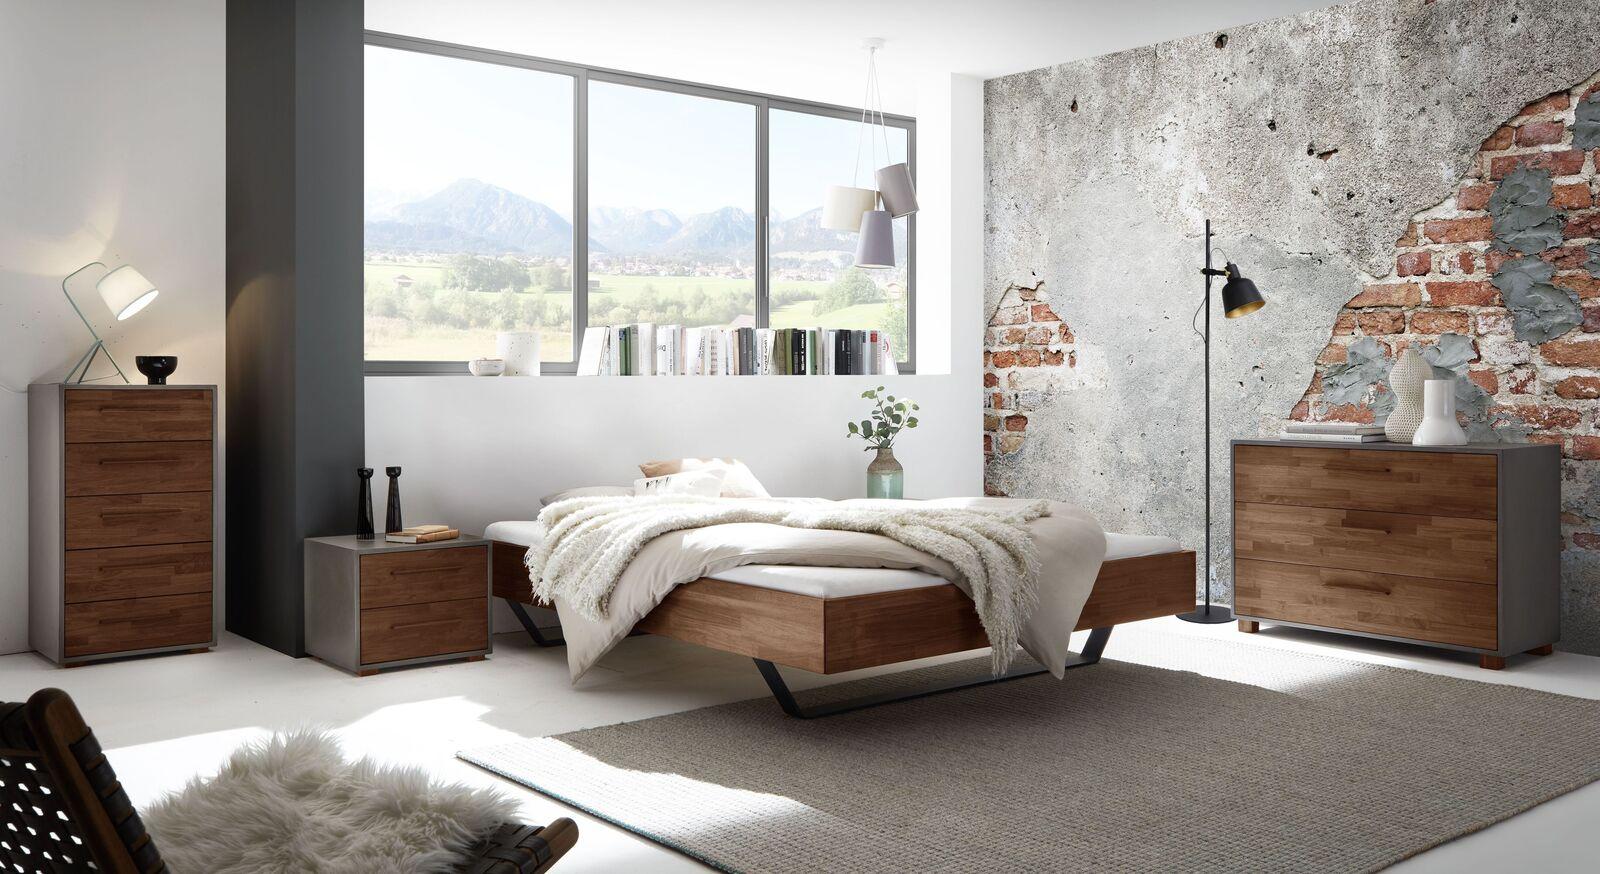 Liege Locurio mit passenden Schlafzimmer-Möbeln